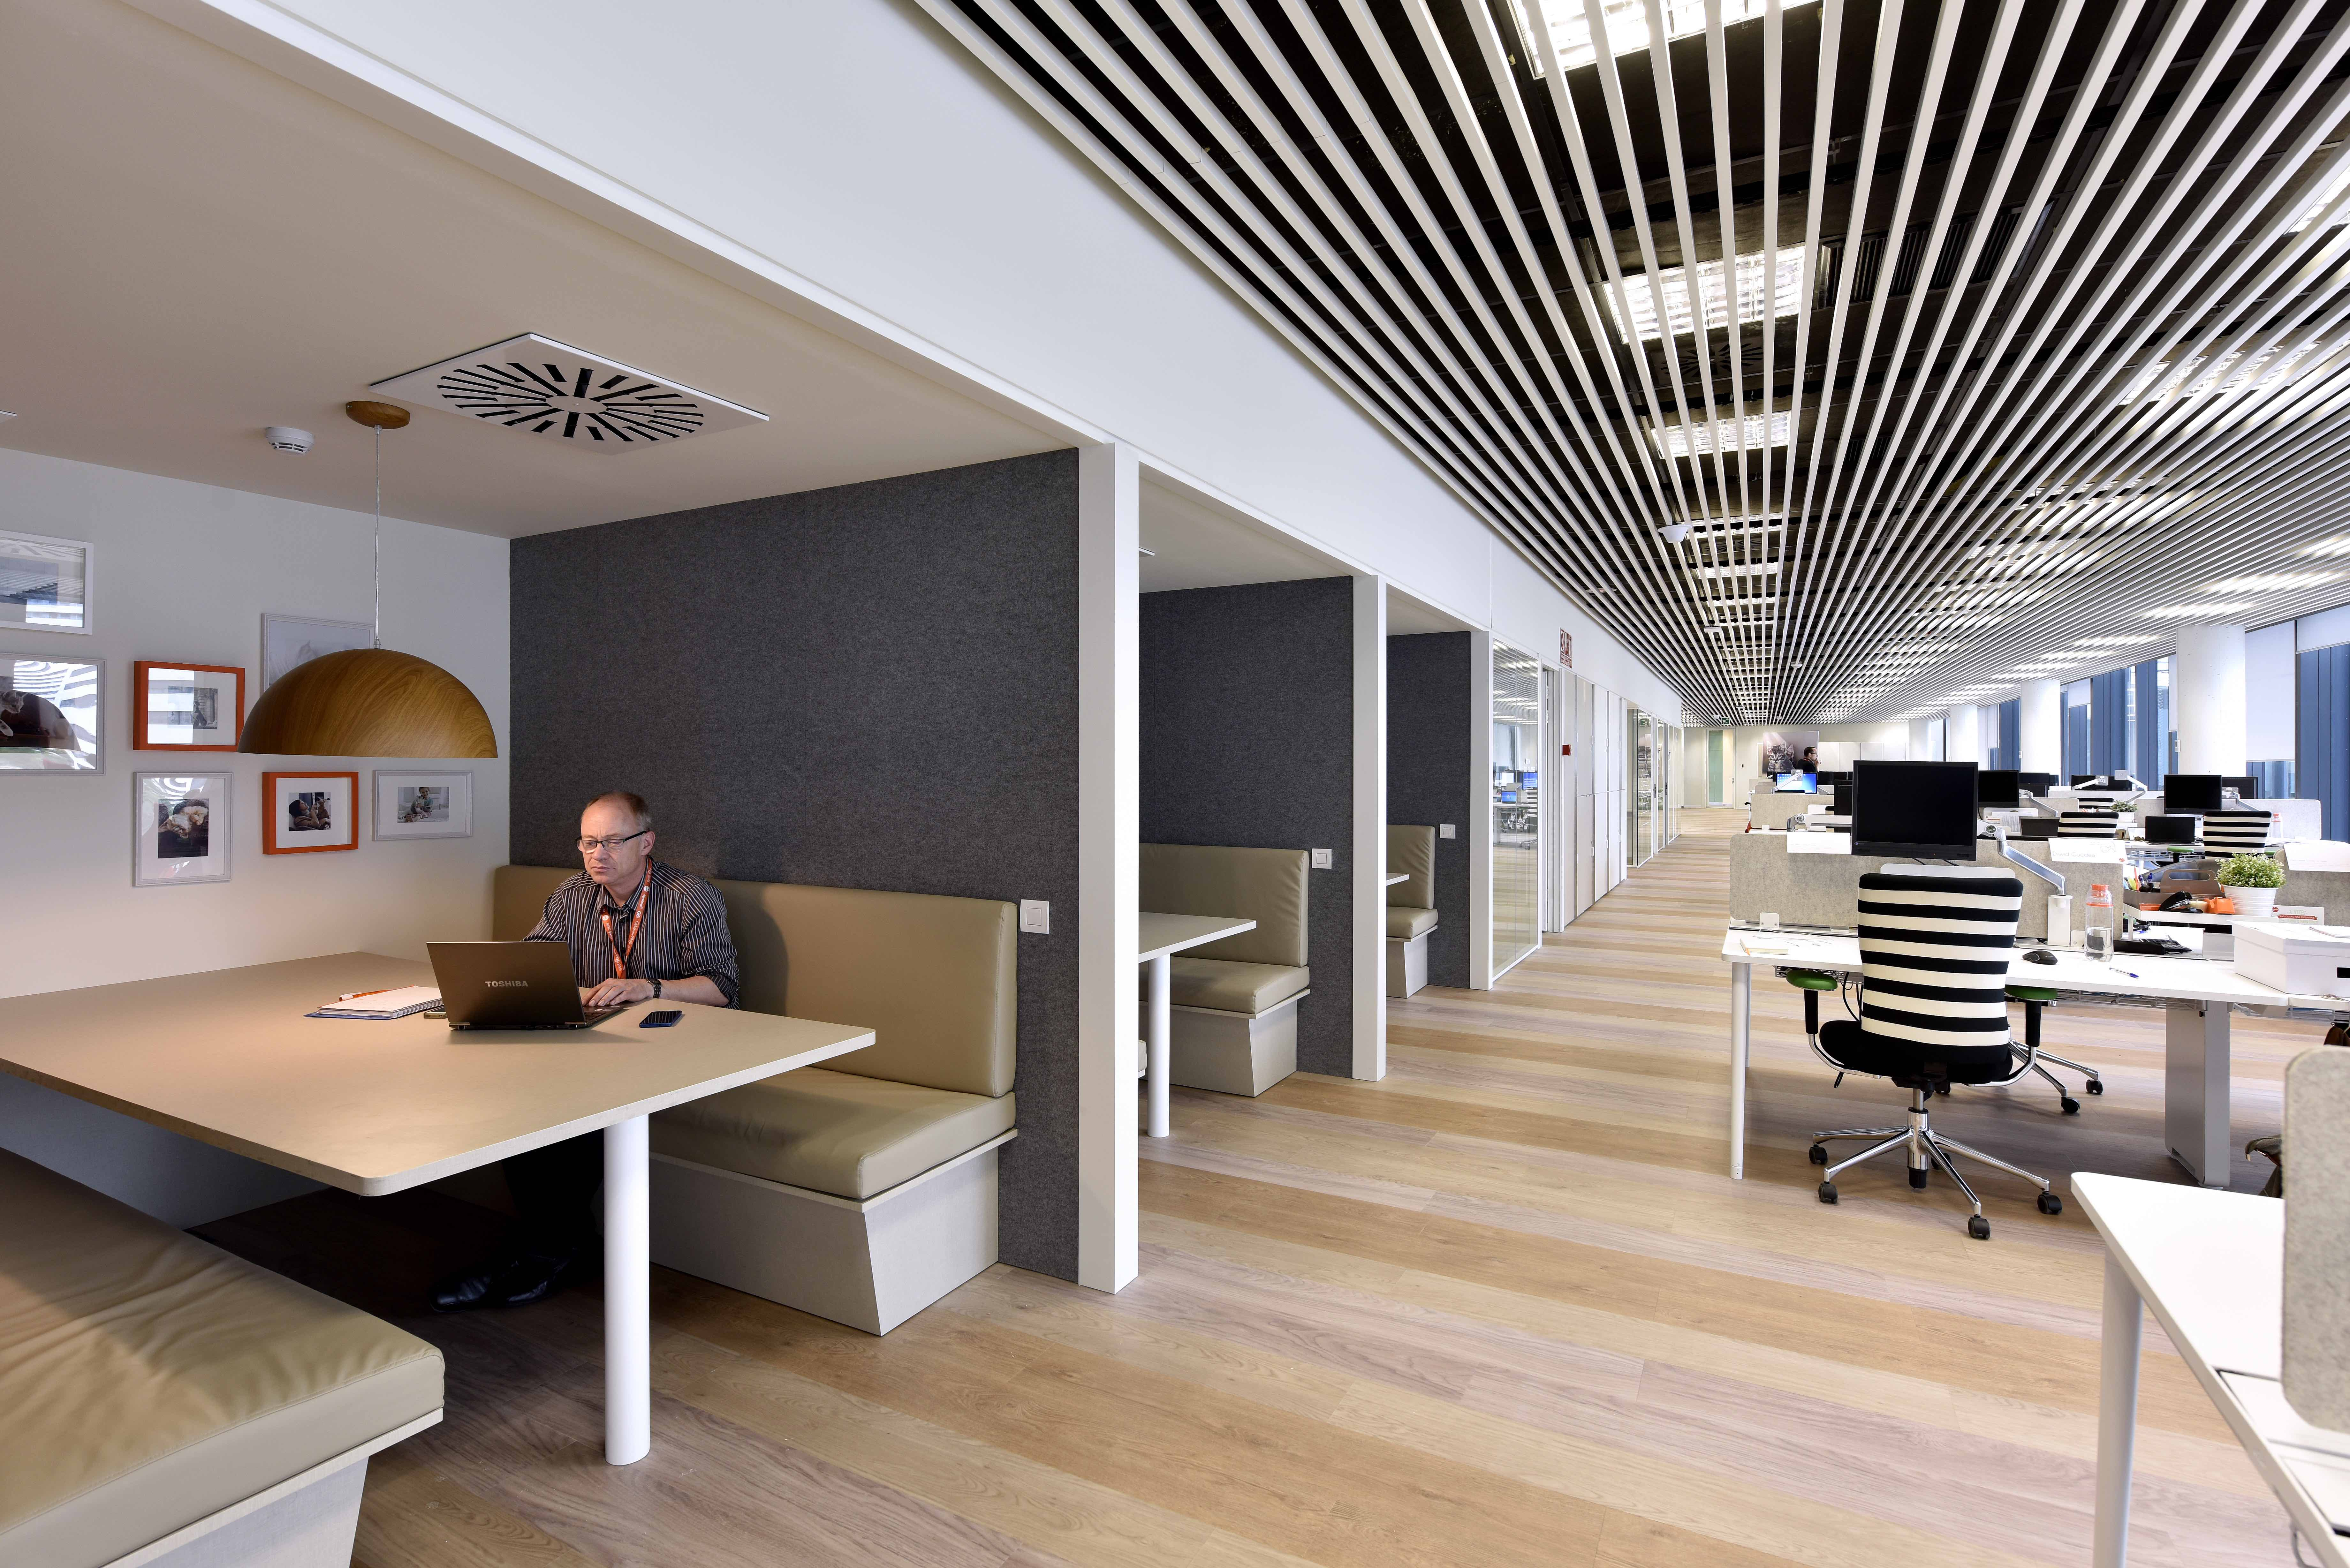 Innovaci n en los espacios de trabajo for Espacios para oficinas